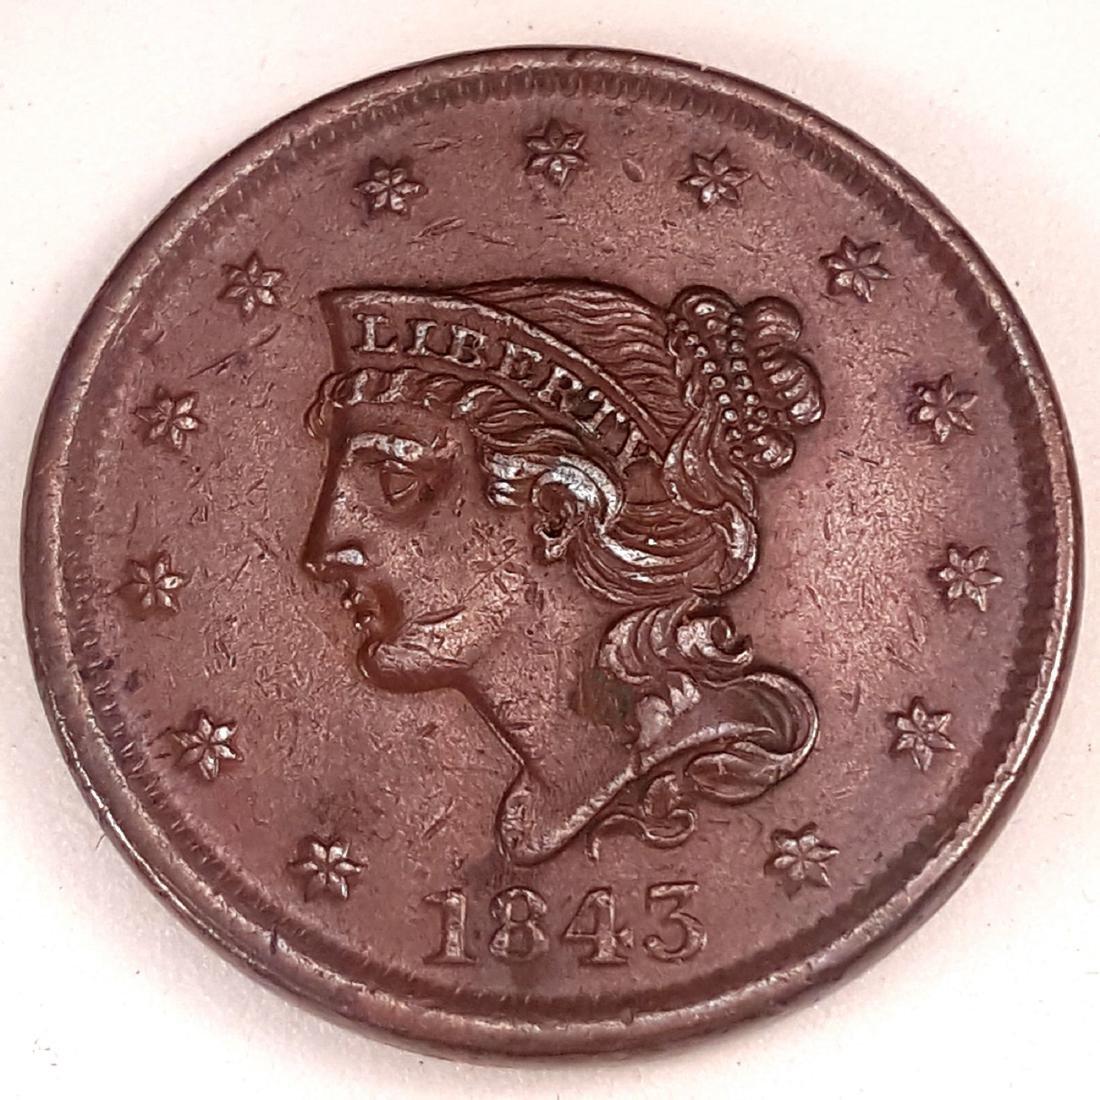 1843 1C PETITE HEAD, REVERSE OF 44 -AU